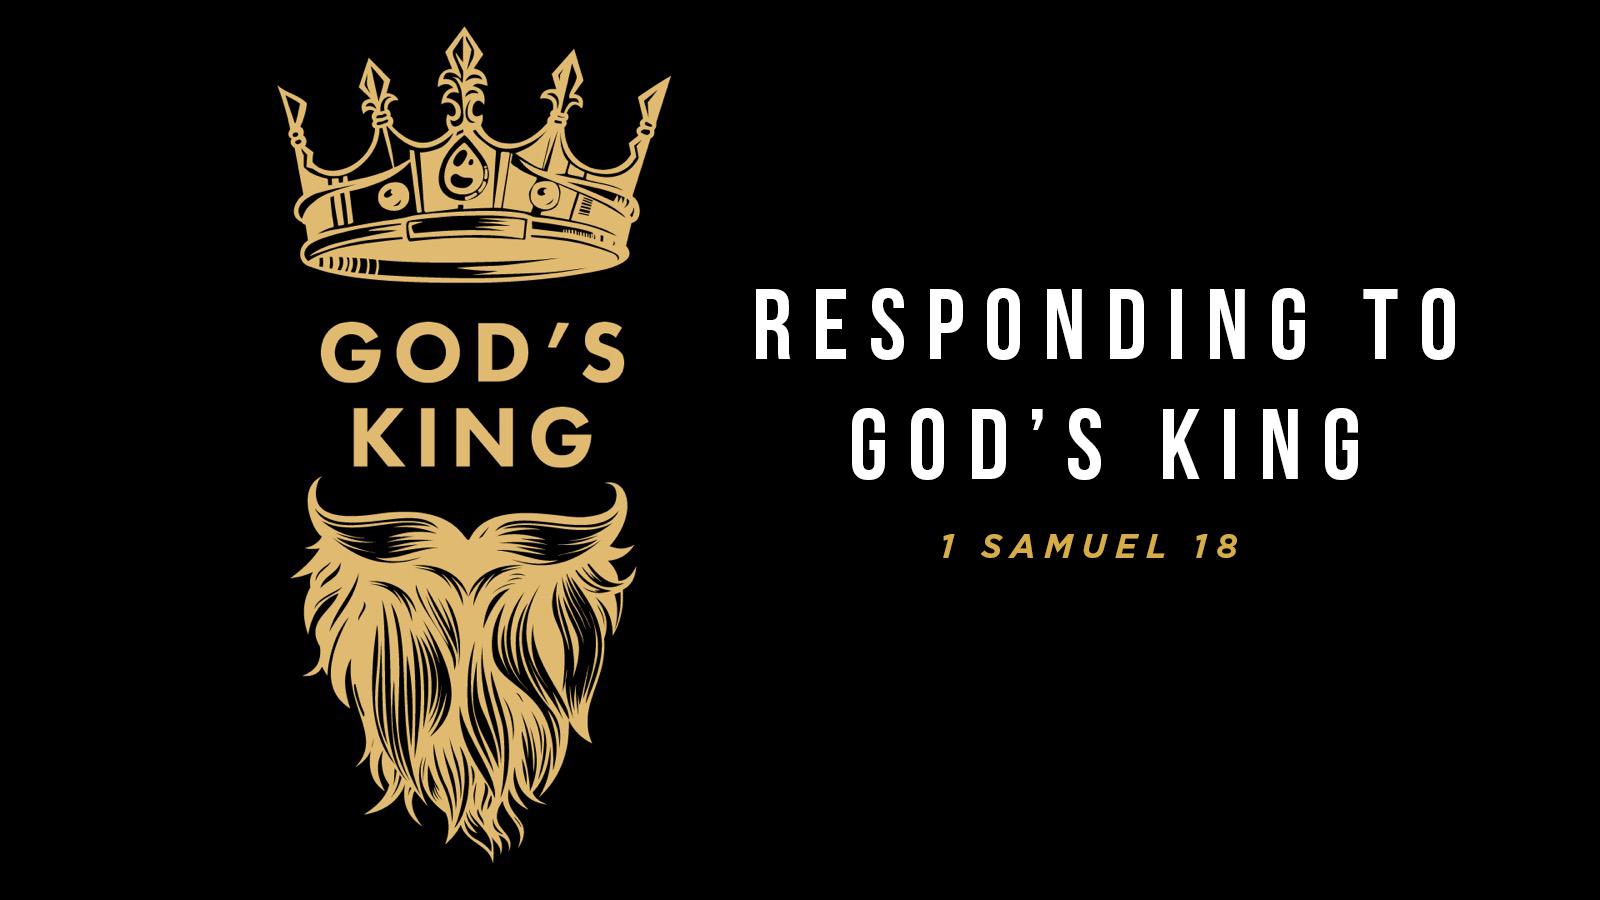 Responding to God's King